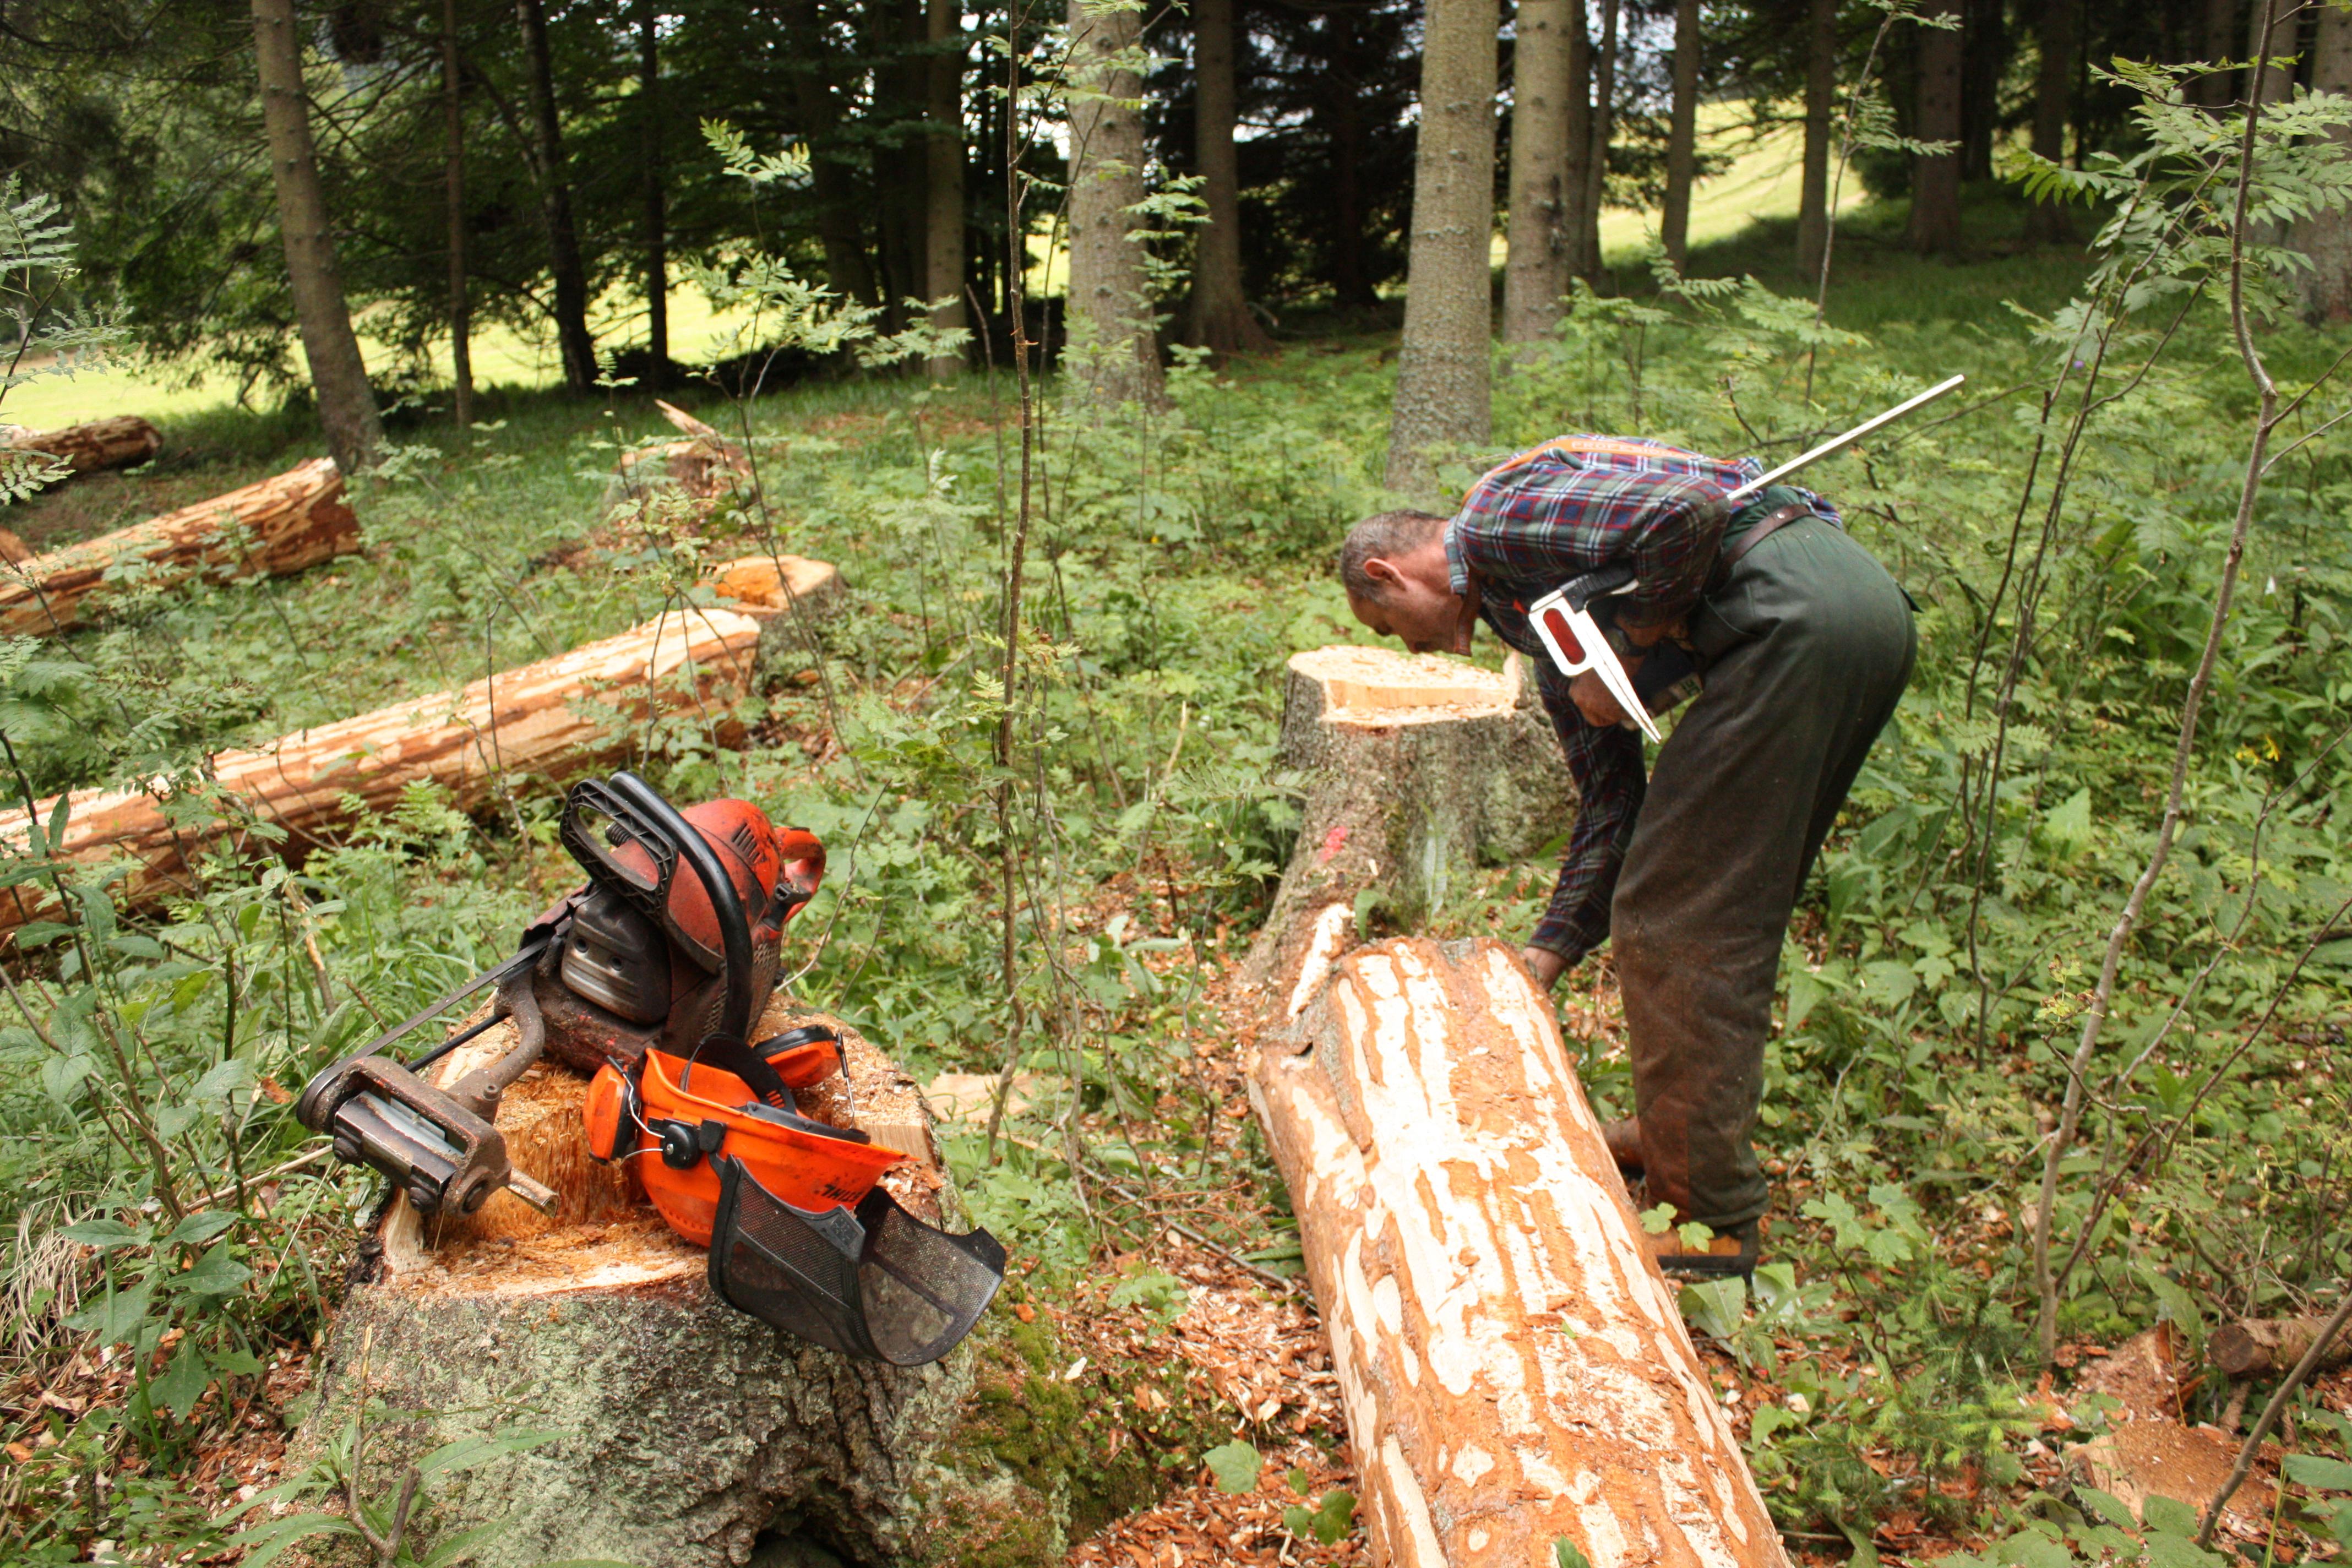 Přirozené lesy různého druhového složení byly v klimatických podmínkách České republiky naprosto převládajícím přirozeným ekosystémem. Přirozená lesnatost v době pronikání prvních početně významnějších populací lidí se blížila 100 %, ale ještě na začátku 10. století je odhadována na více než 70 %, stejně jako tomu bylo ve většině zemí střední Evropy.[3] Do vývoje absolutní většiny lesů již v historii člověk nějakým způsobem zasáhl.